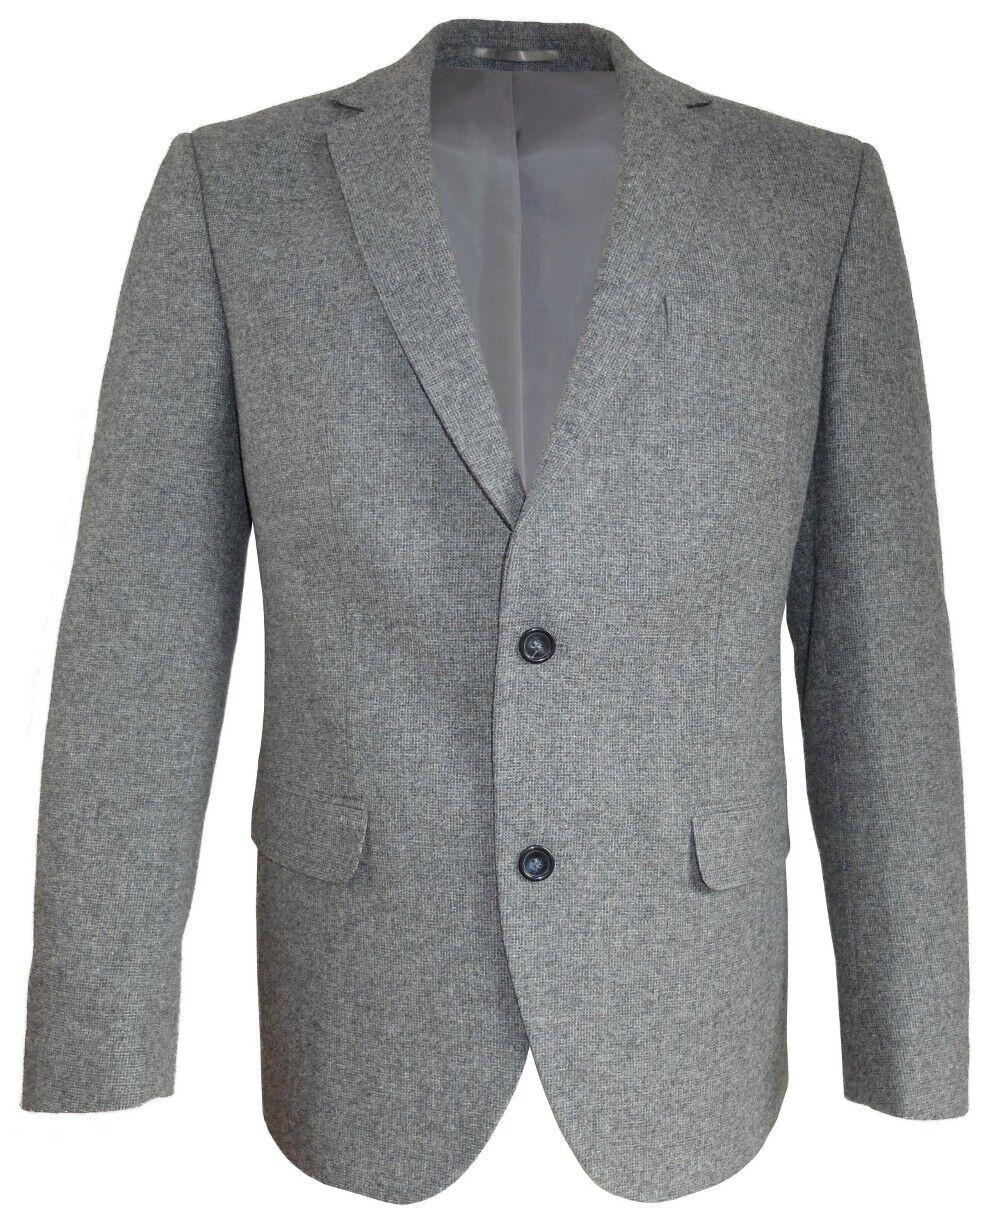 GEBRÜDER WEIS SAKKO MODERN FlT Style Gr. 50 bis bis bis 58 25 bis 27 HELLGRAU MELANGE   Outlet Online Store  709267